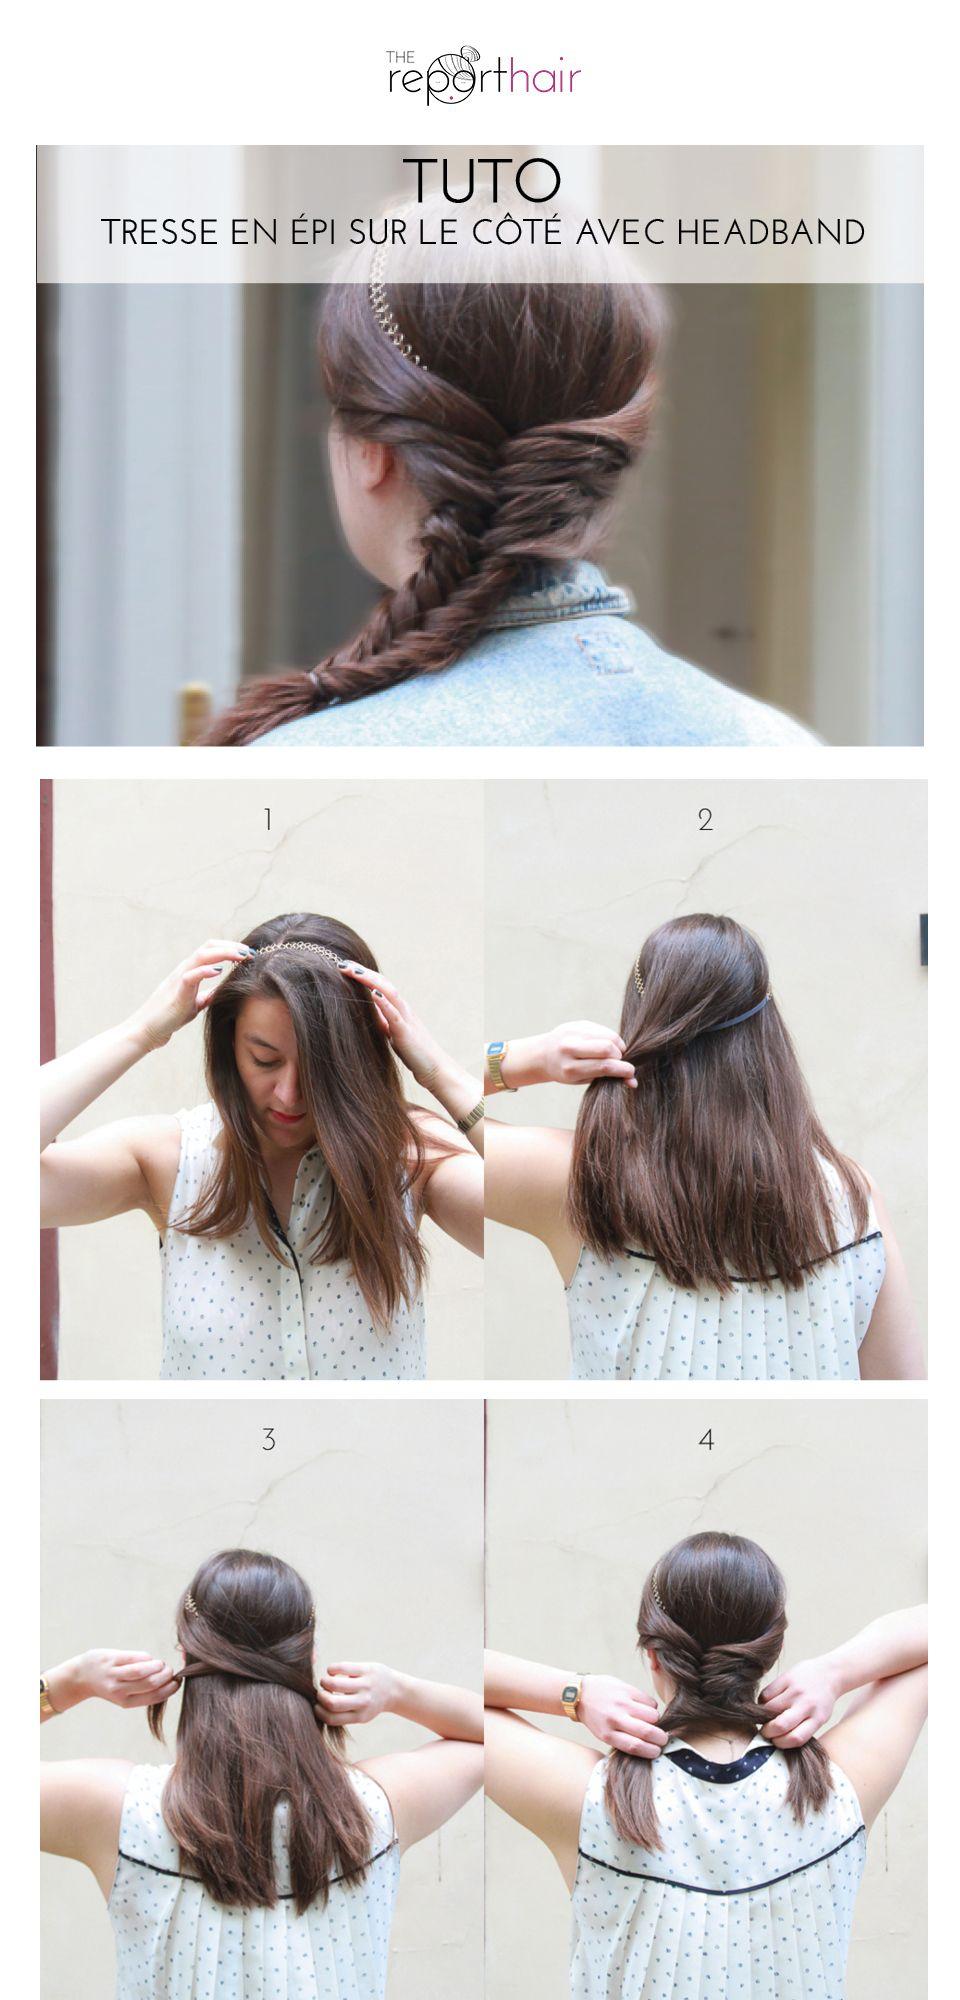 Tresse En Epi Sur Le Cote Avec Headband Pascale Lion Coiffure Coiffure Cheveux Mi Long Mariage Coiffure Avec Headband